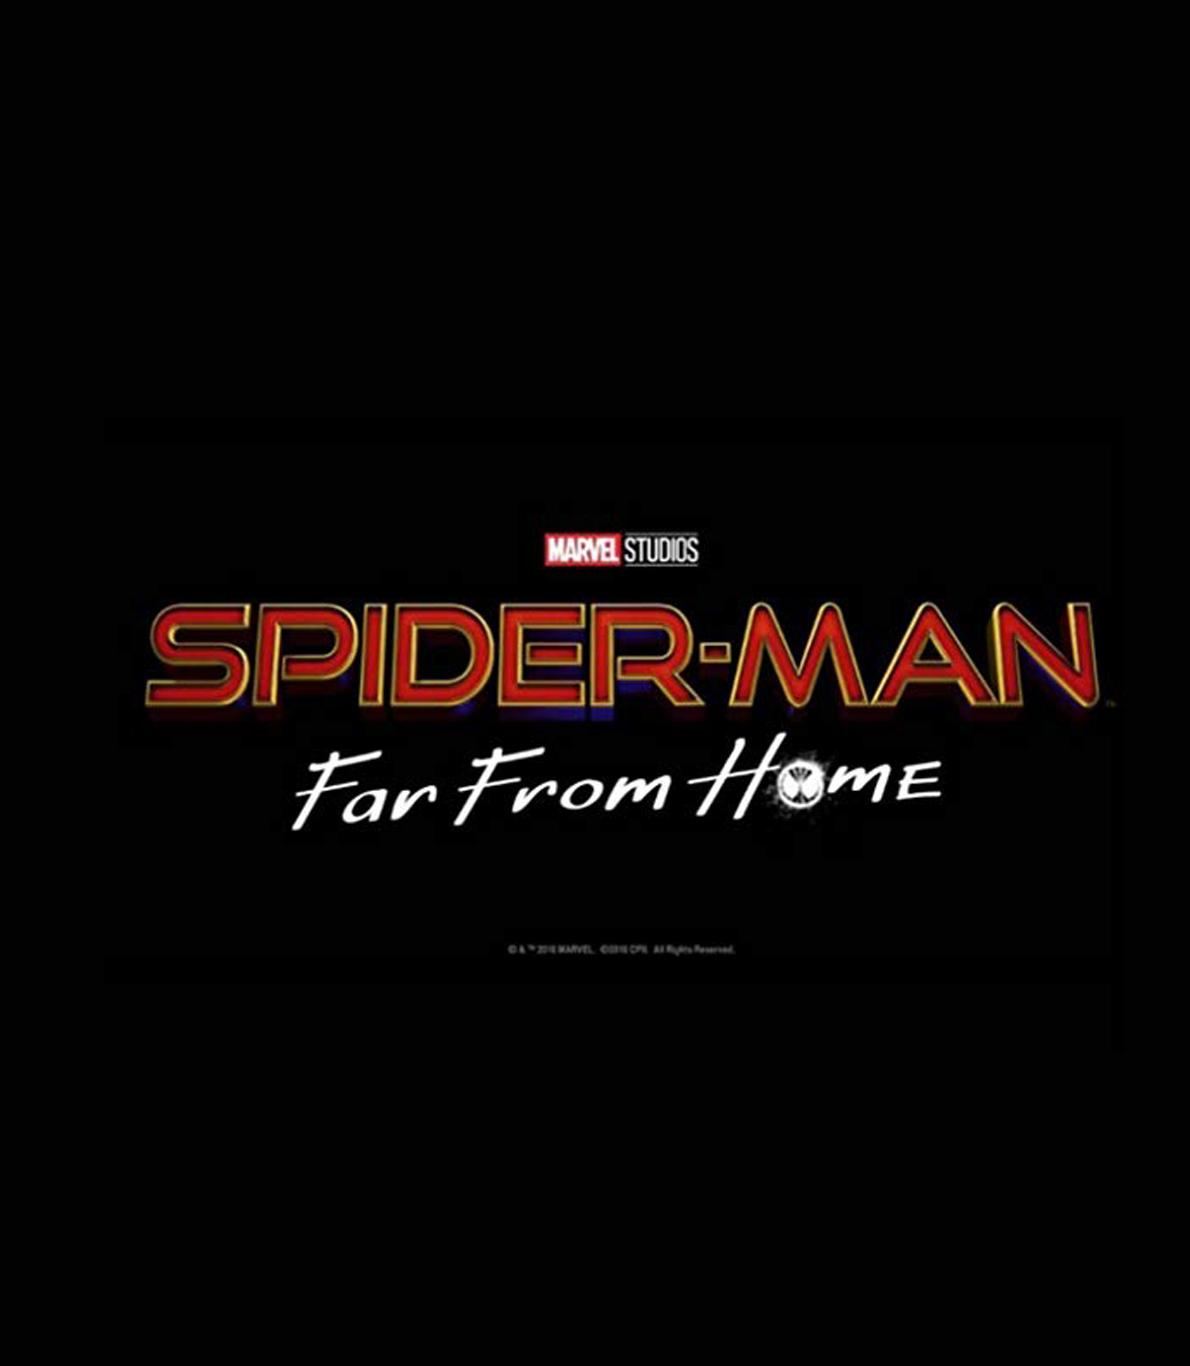 """Capa do guião """"Spider-Man: Far From Home"""", divulgada antes do tempo devido, pelo ator principal do filme, Tom Holland. A capa é toda preta, tendo apenas o título original do filme, """"Spider-Man: Far From Home"""", e o nome dos estúdios que o produziram."""